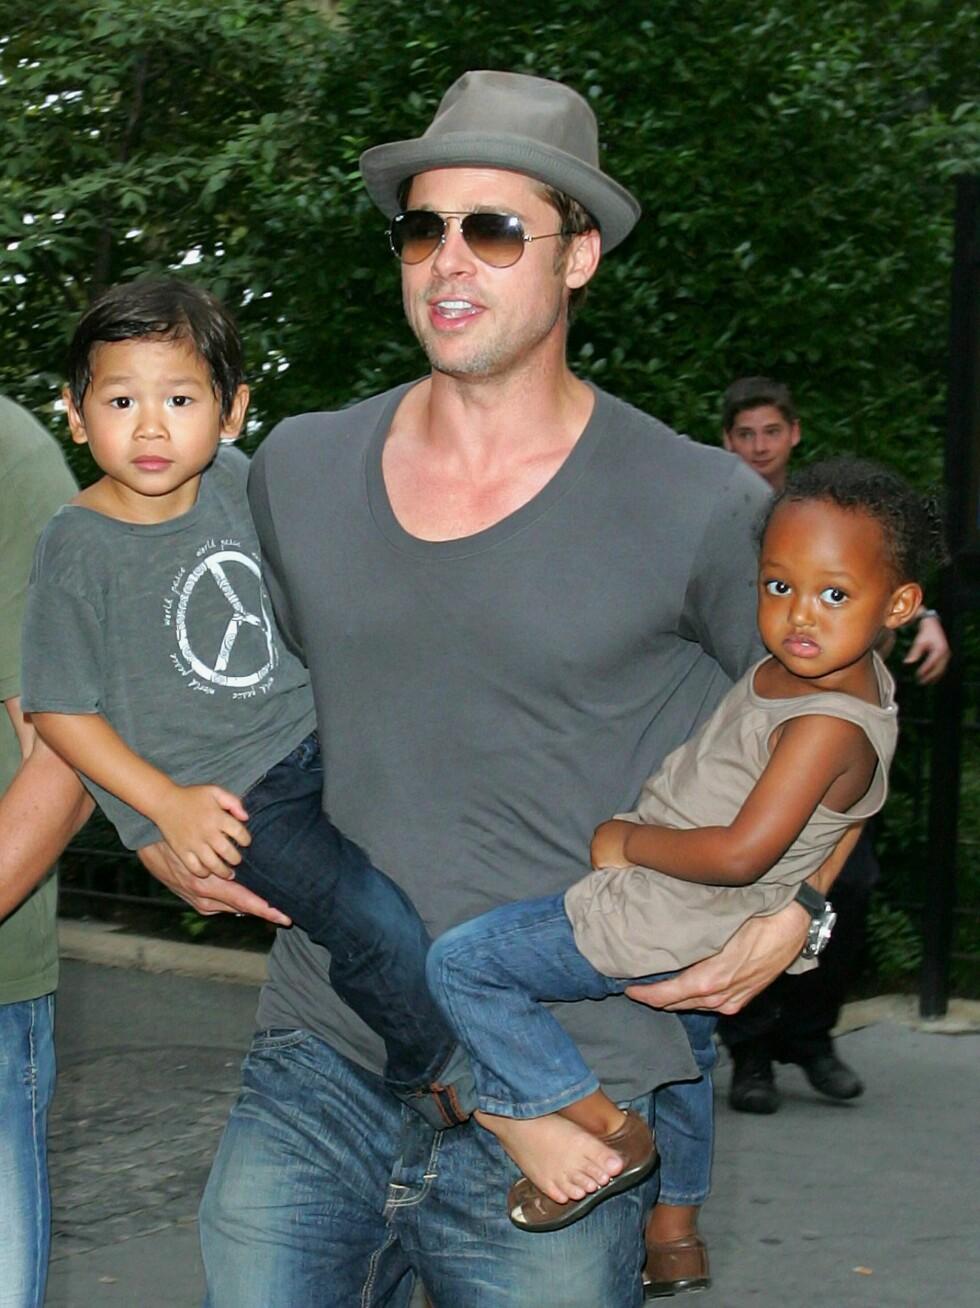 SUPERPAPPAEN: Skuespiller Brad Pitt ble ikke mindre kjekk etter at han begynte å bli avbildet med hans og Angelina Jolies felles barn. Her med adopterte Pax (4) og Zahara (3). Nå venter de små igjen.  Foto: All Over Press